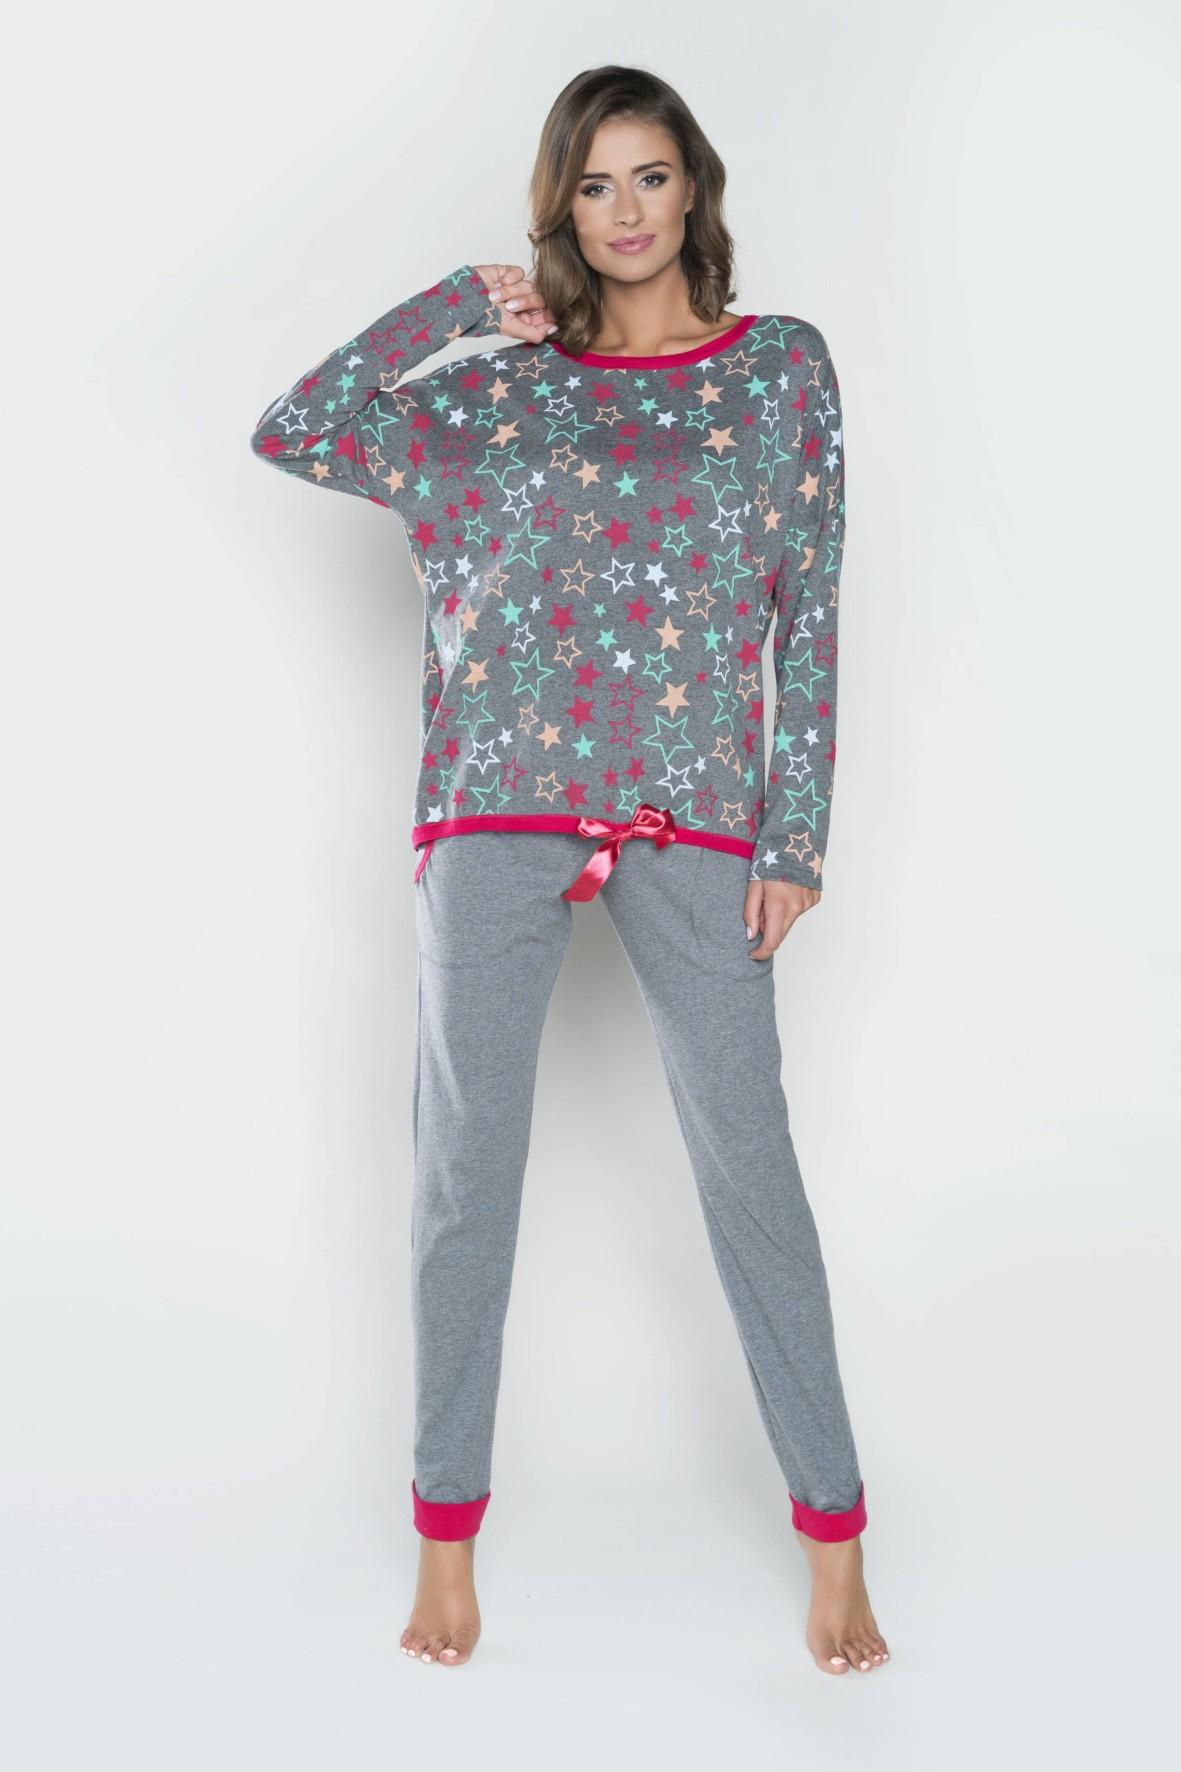 Piżama damska długi rękaw, długie spodnie - szara w gwiazdki